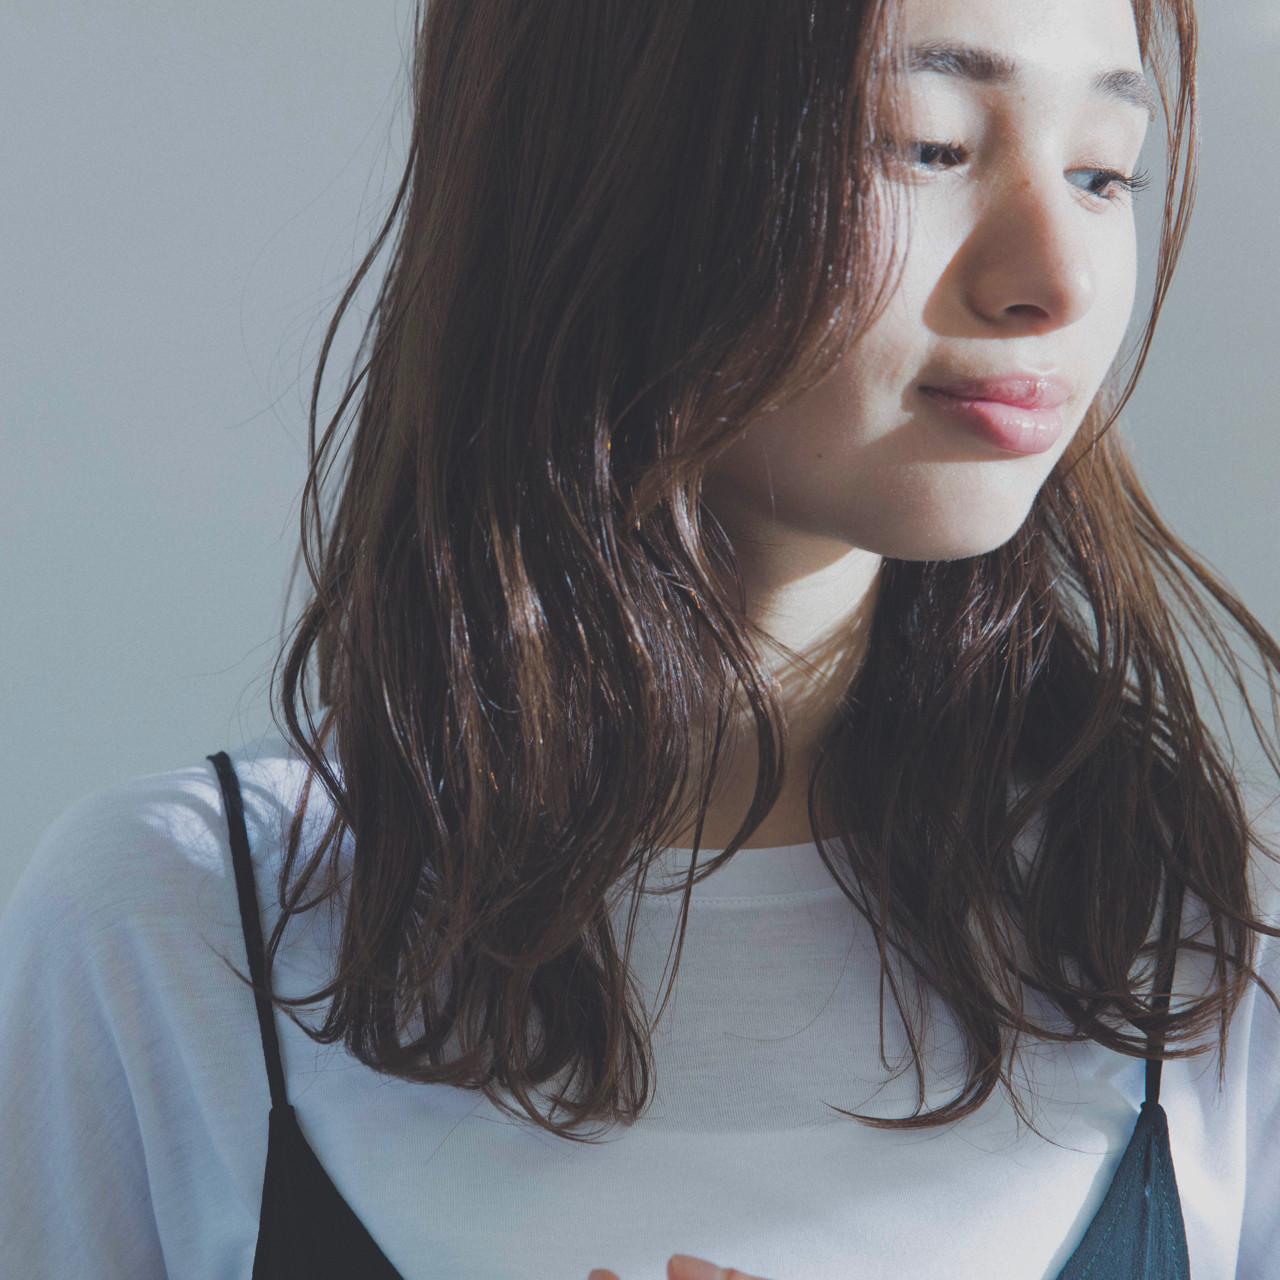 セミロング ウェットヘア パーマ 大人女子 ヘアスタイルや髪型の写真・画像 | 北田 ゆうすけ / December/